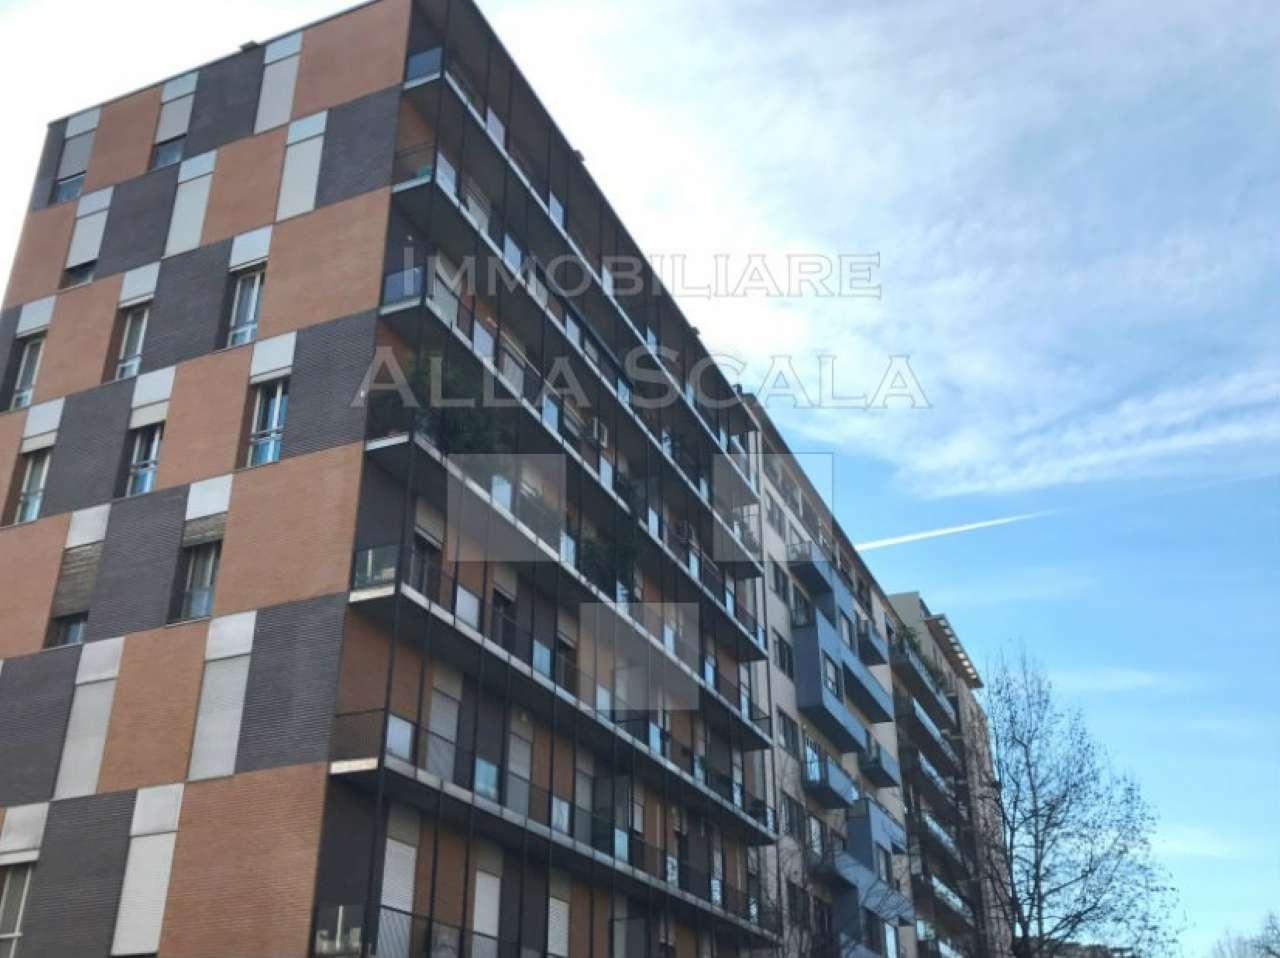 Appartamento in vendita a Milano, 5 locali, zona Zona: 8 . Bocconi, C.so Italia, Ticinese, Bligny, prezzo € 780.000 | CambioCasa.it